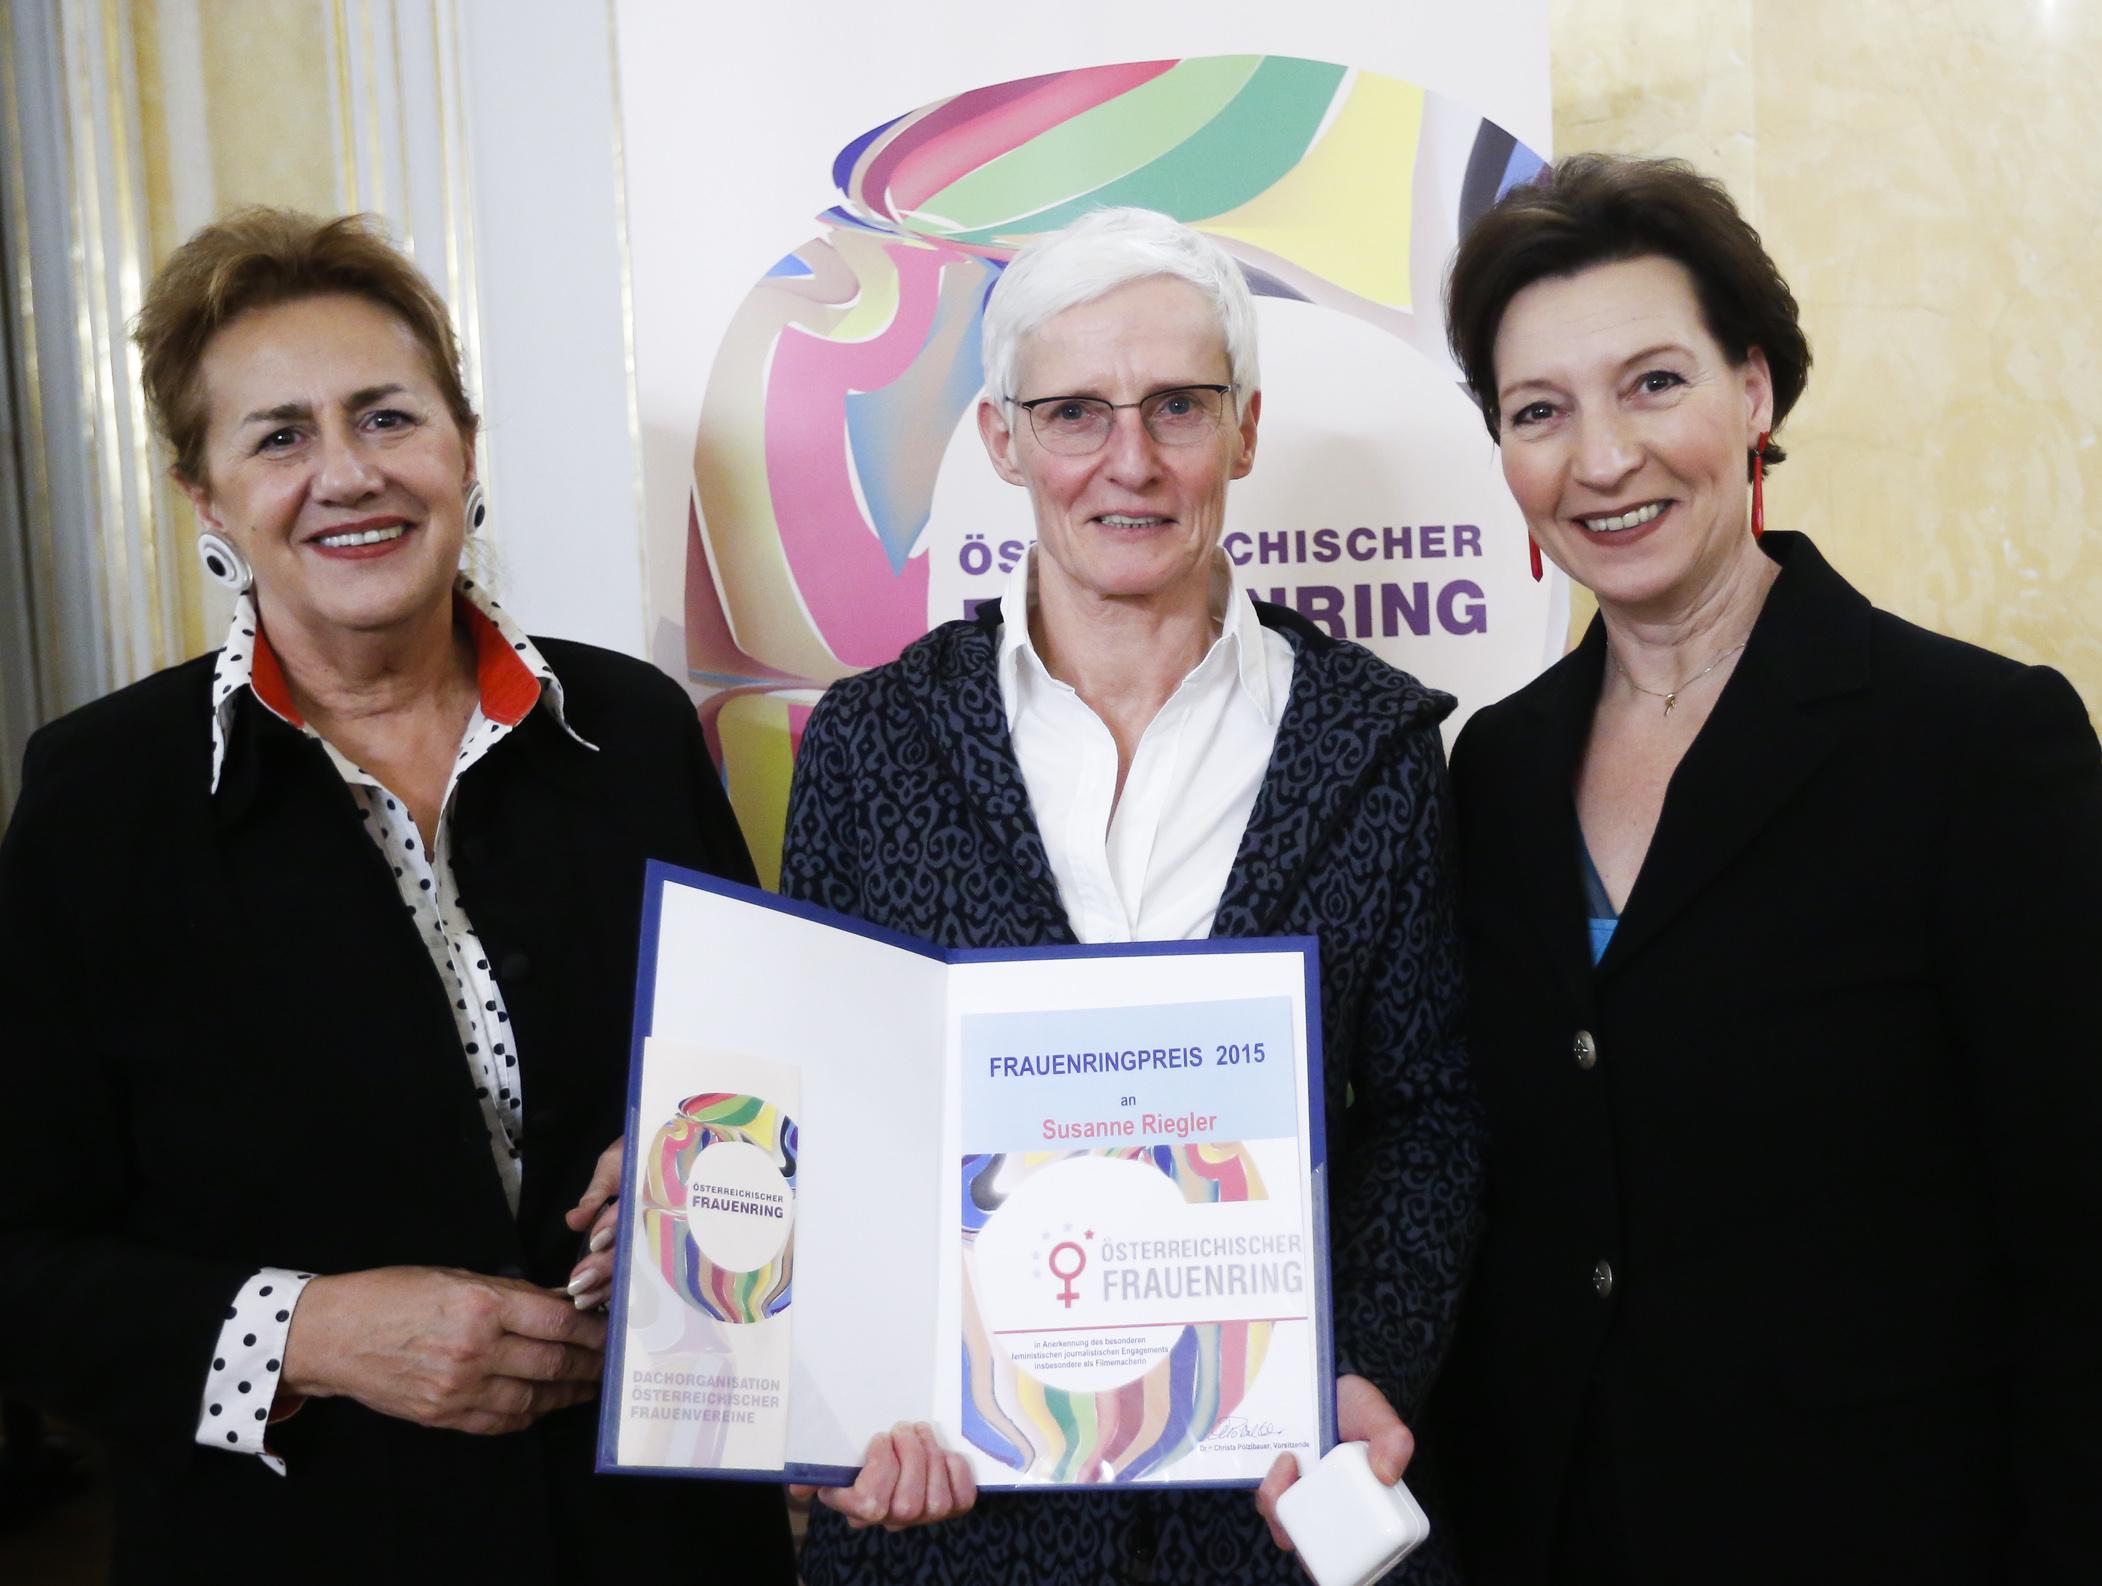 FR-Preis f. Susanne